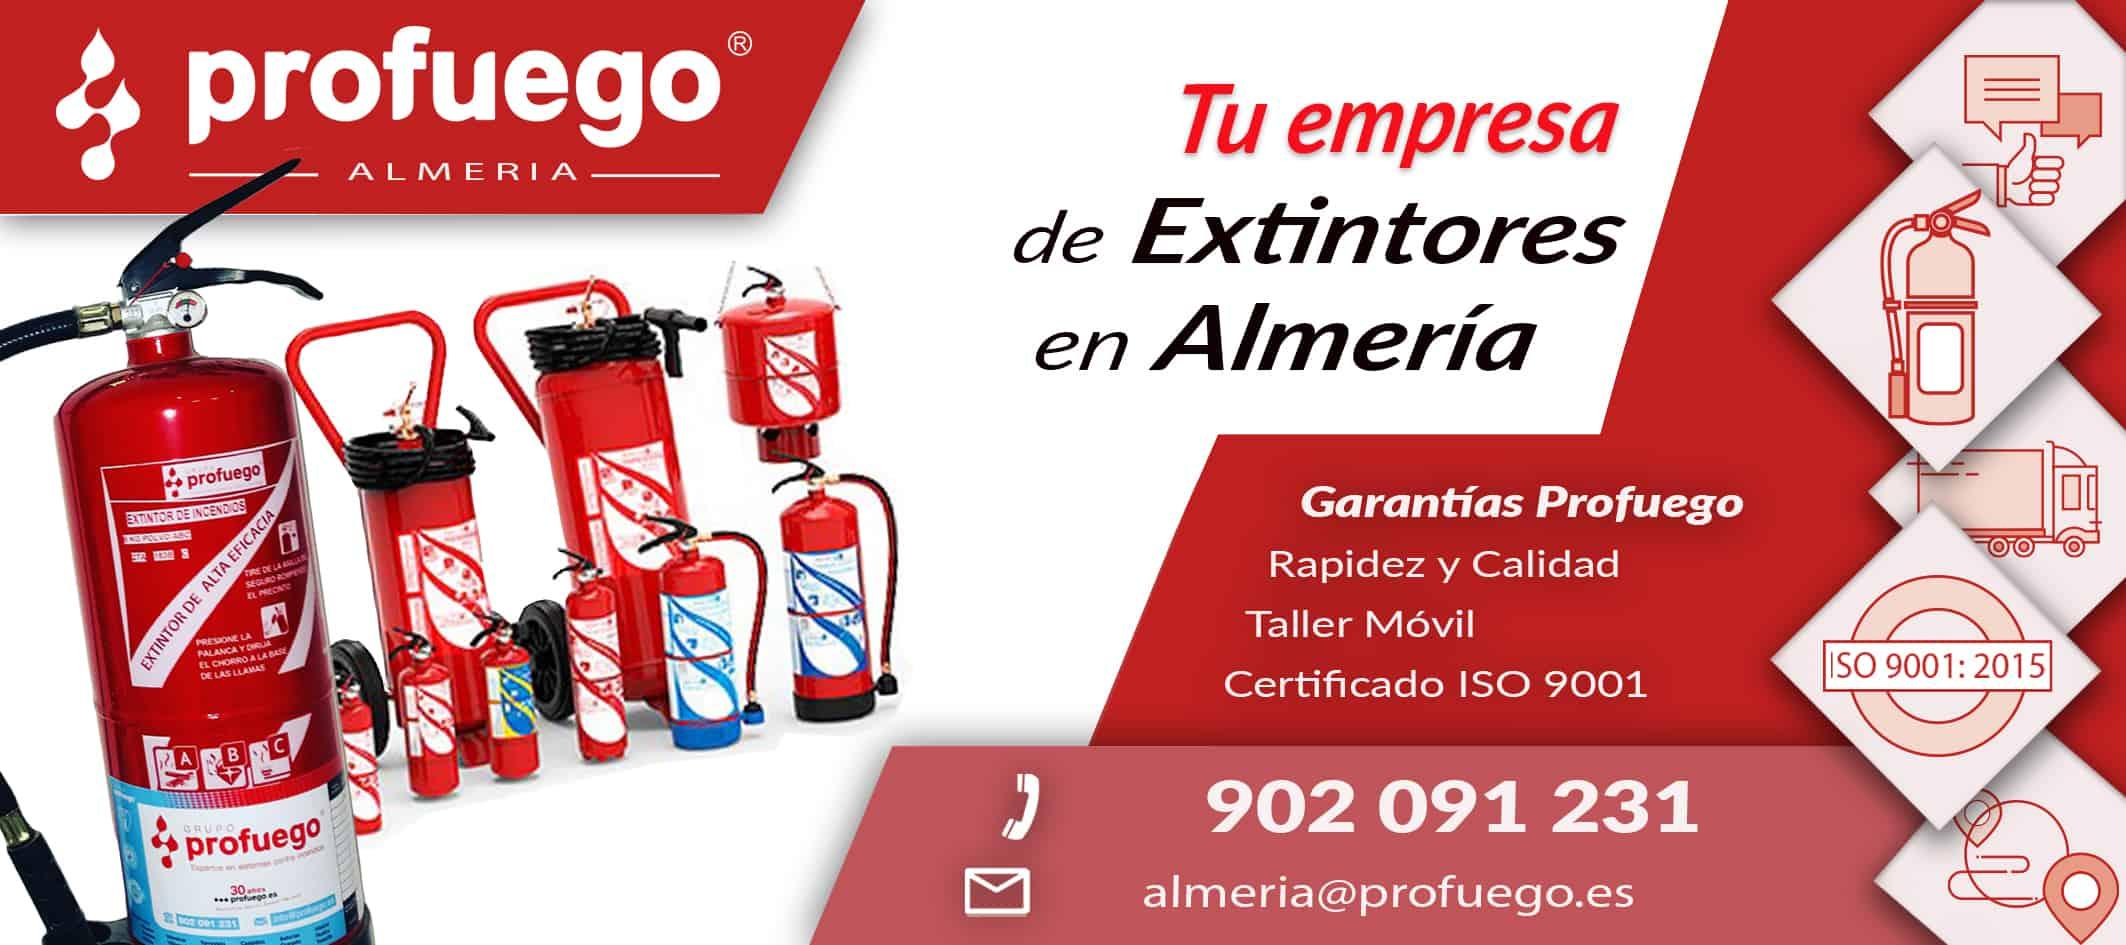 extintores almeria